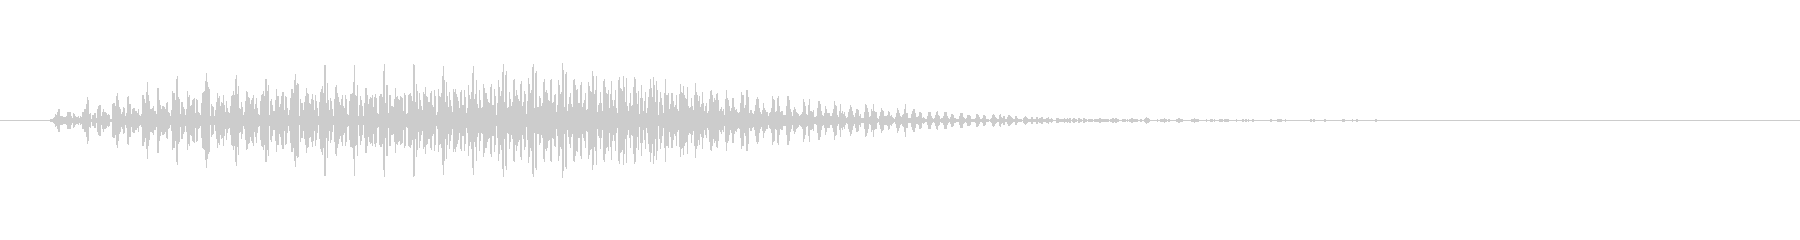 カートゥーン系の忍び足のような効果音の未再生の波形